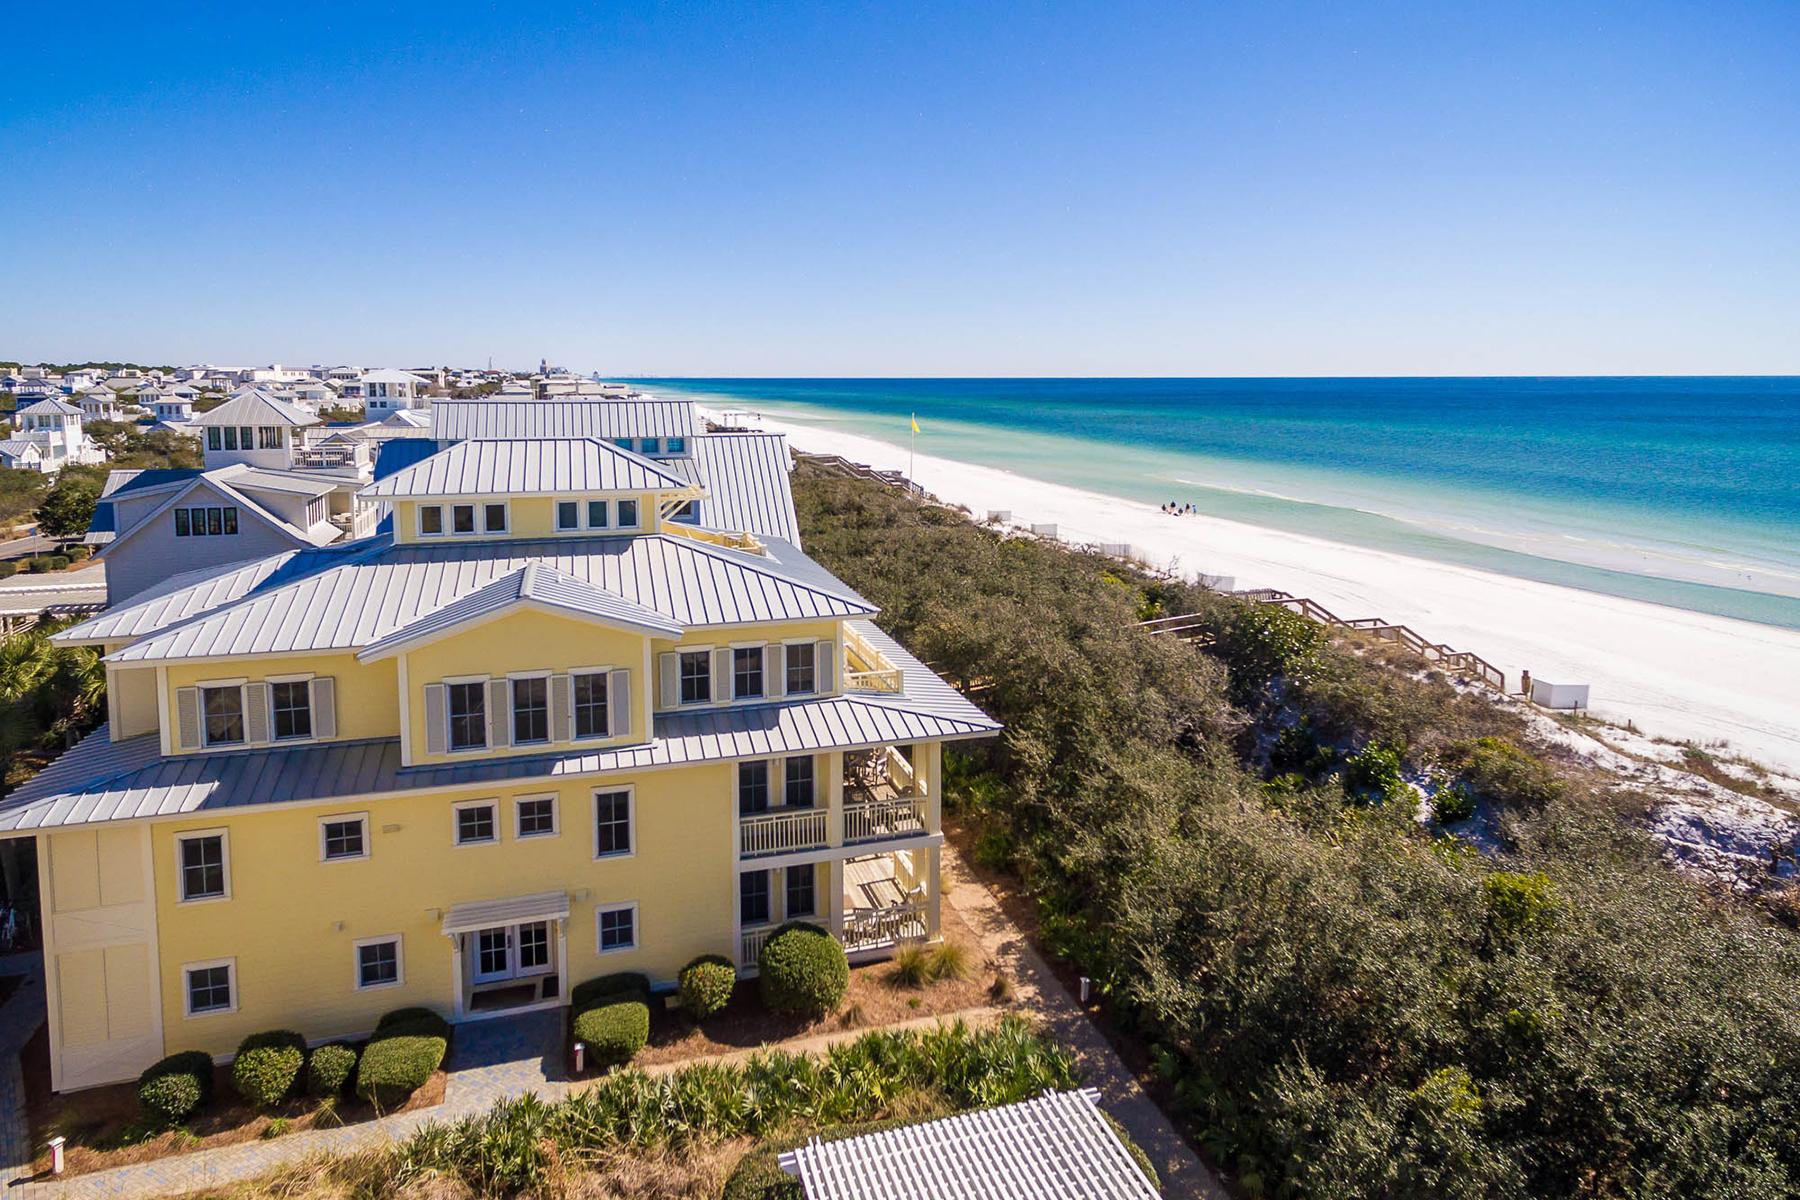 Eigentumswohnung für Verkauf beim WATERFRONT CONDO CENTRAL TO WATERCOLOR RESORT AMENITIES 1848 E County Highway 30A 21 Santa Rosa Beach, Florida, 32459 Vereinigte Staaten